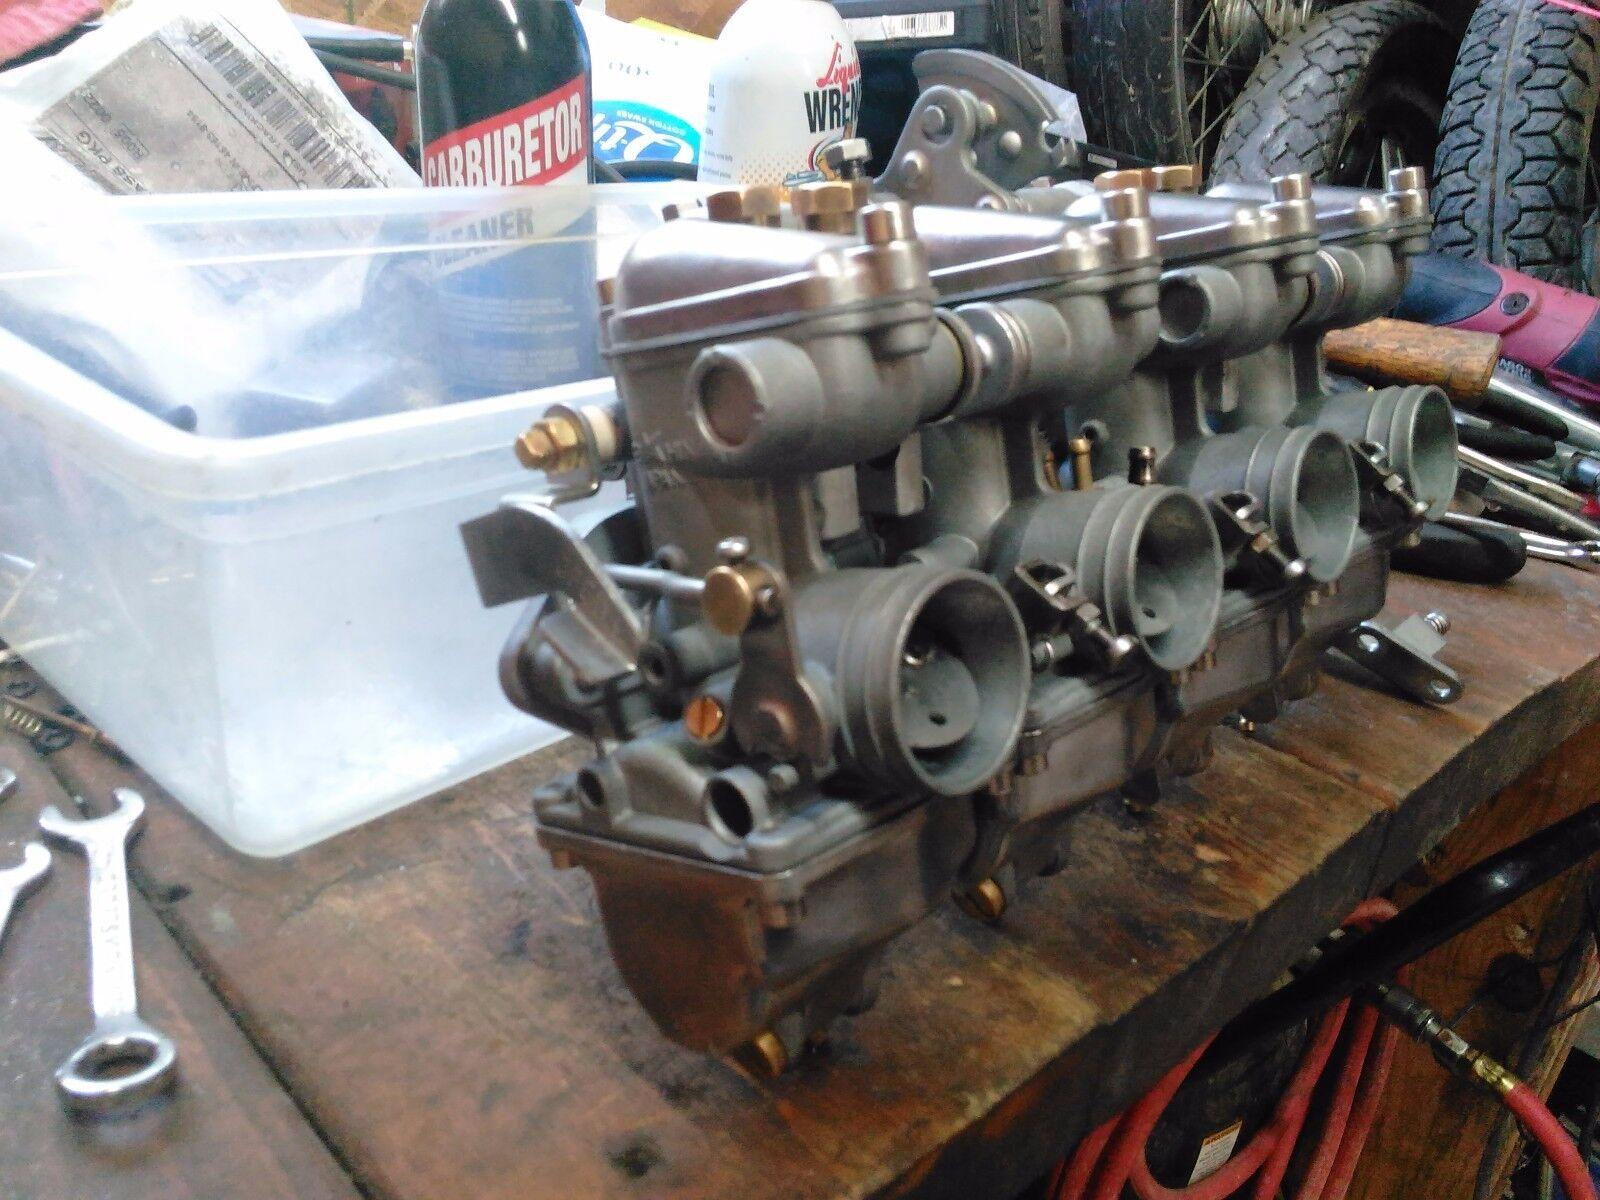 Honda Cb350f Carburetor Rebuild Service Wundr Shop Pro Diagram Float Level For Mikuni Tm33